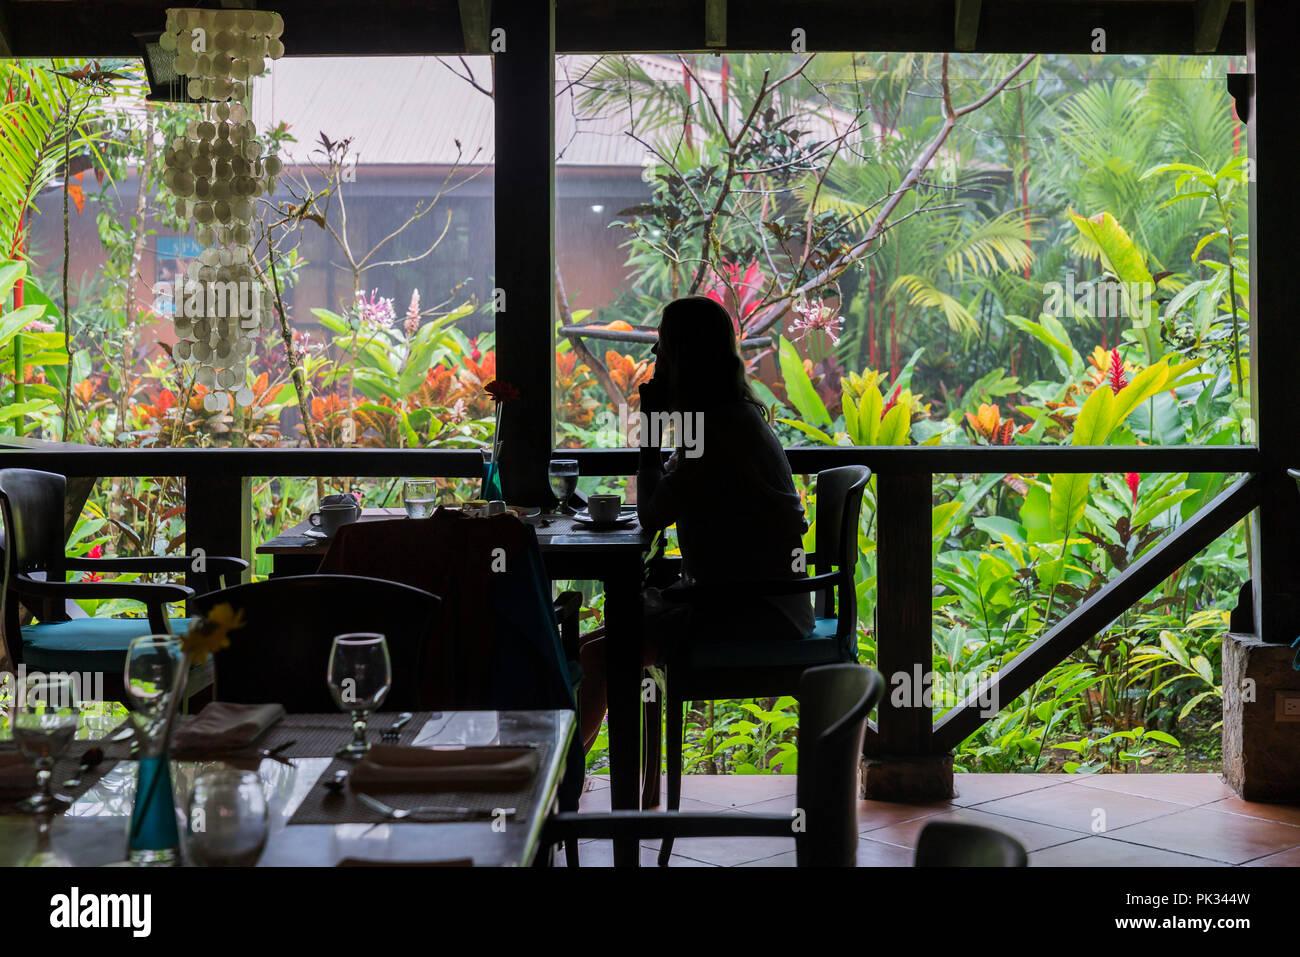 Silhouette of Woman at the Mirador El Silencio hotel, San Carlos, Costa Rica - Stock Image